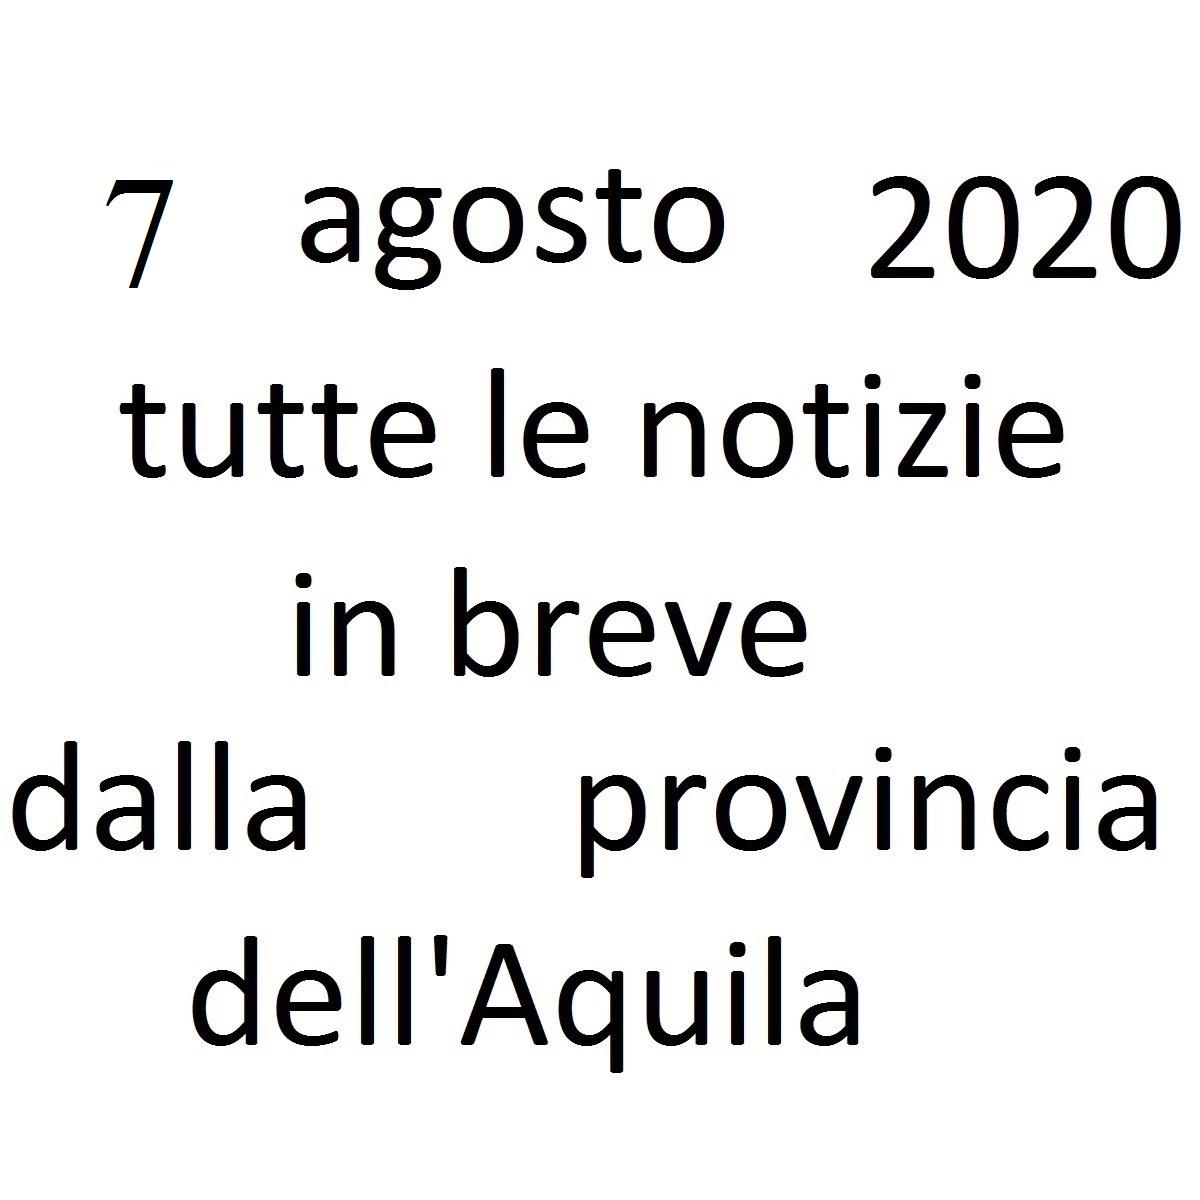 7 agosto 2020 notizie in breve dalla Provincia dell'Aquila foto